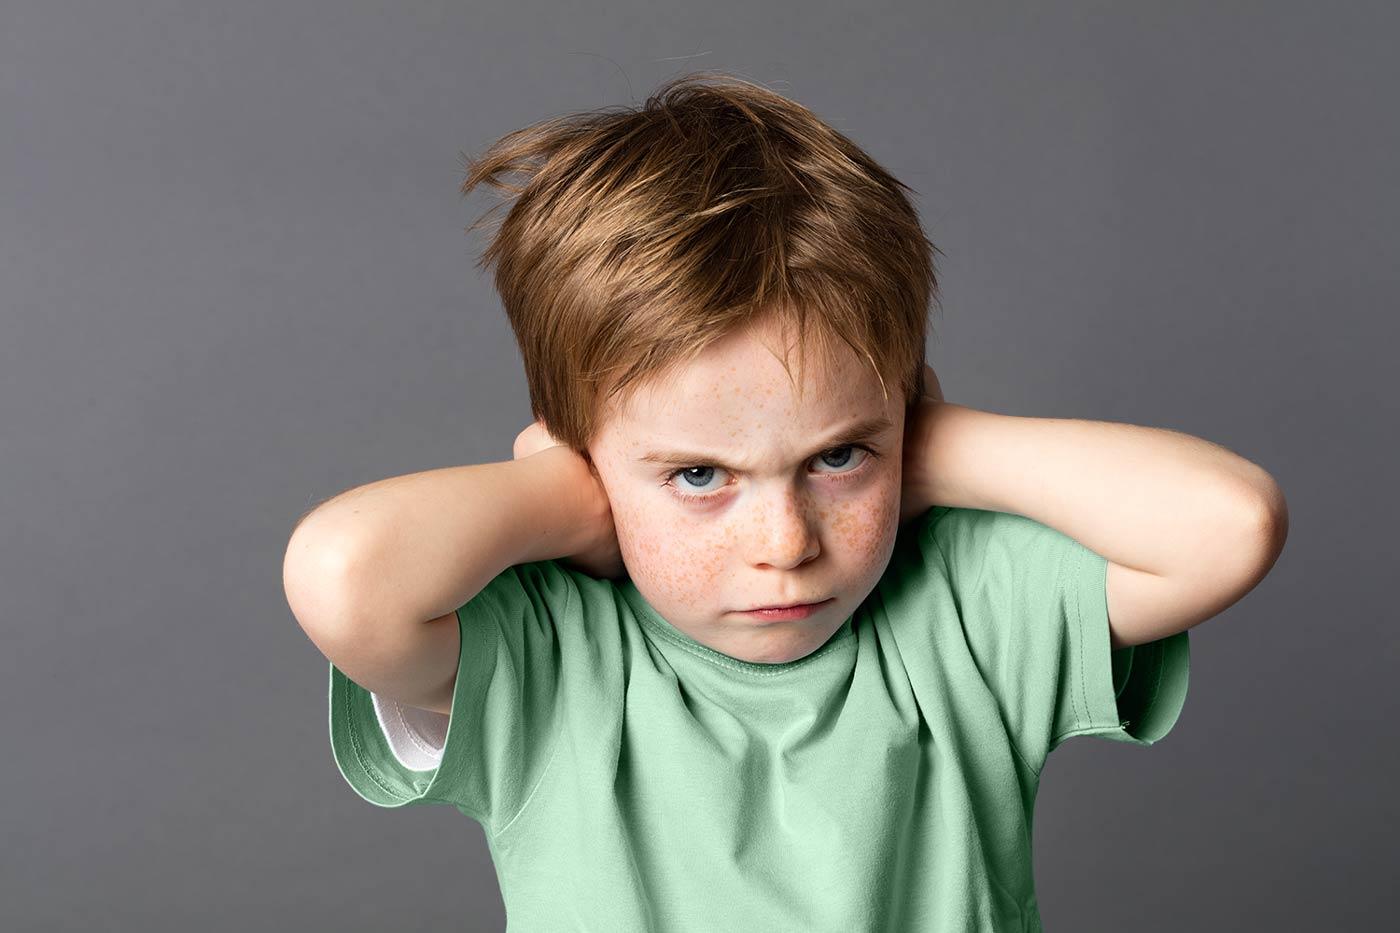 Chłopiec z zaburzeniami uwagi słuchowej